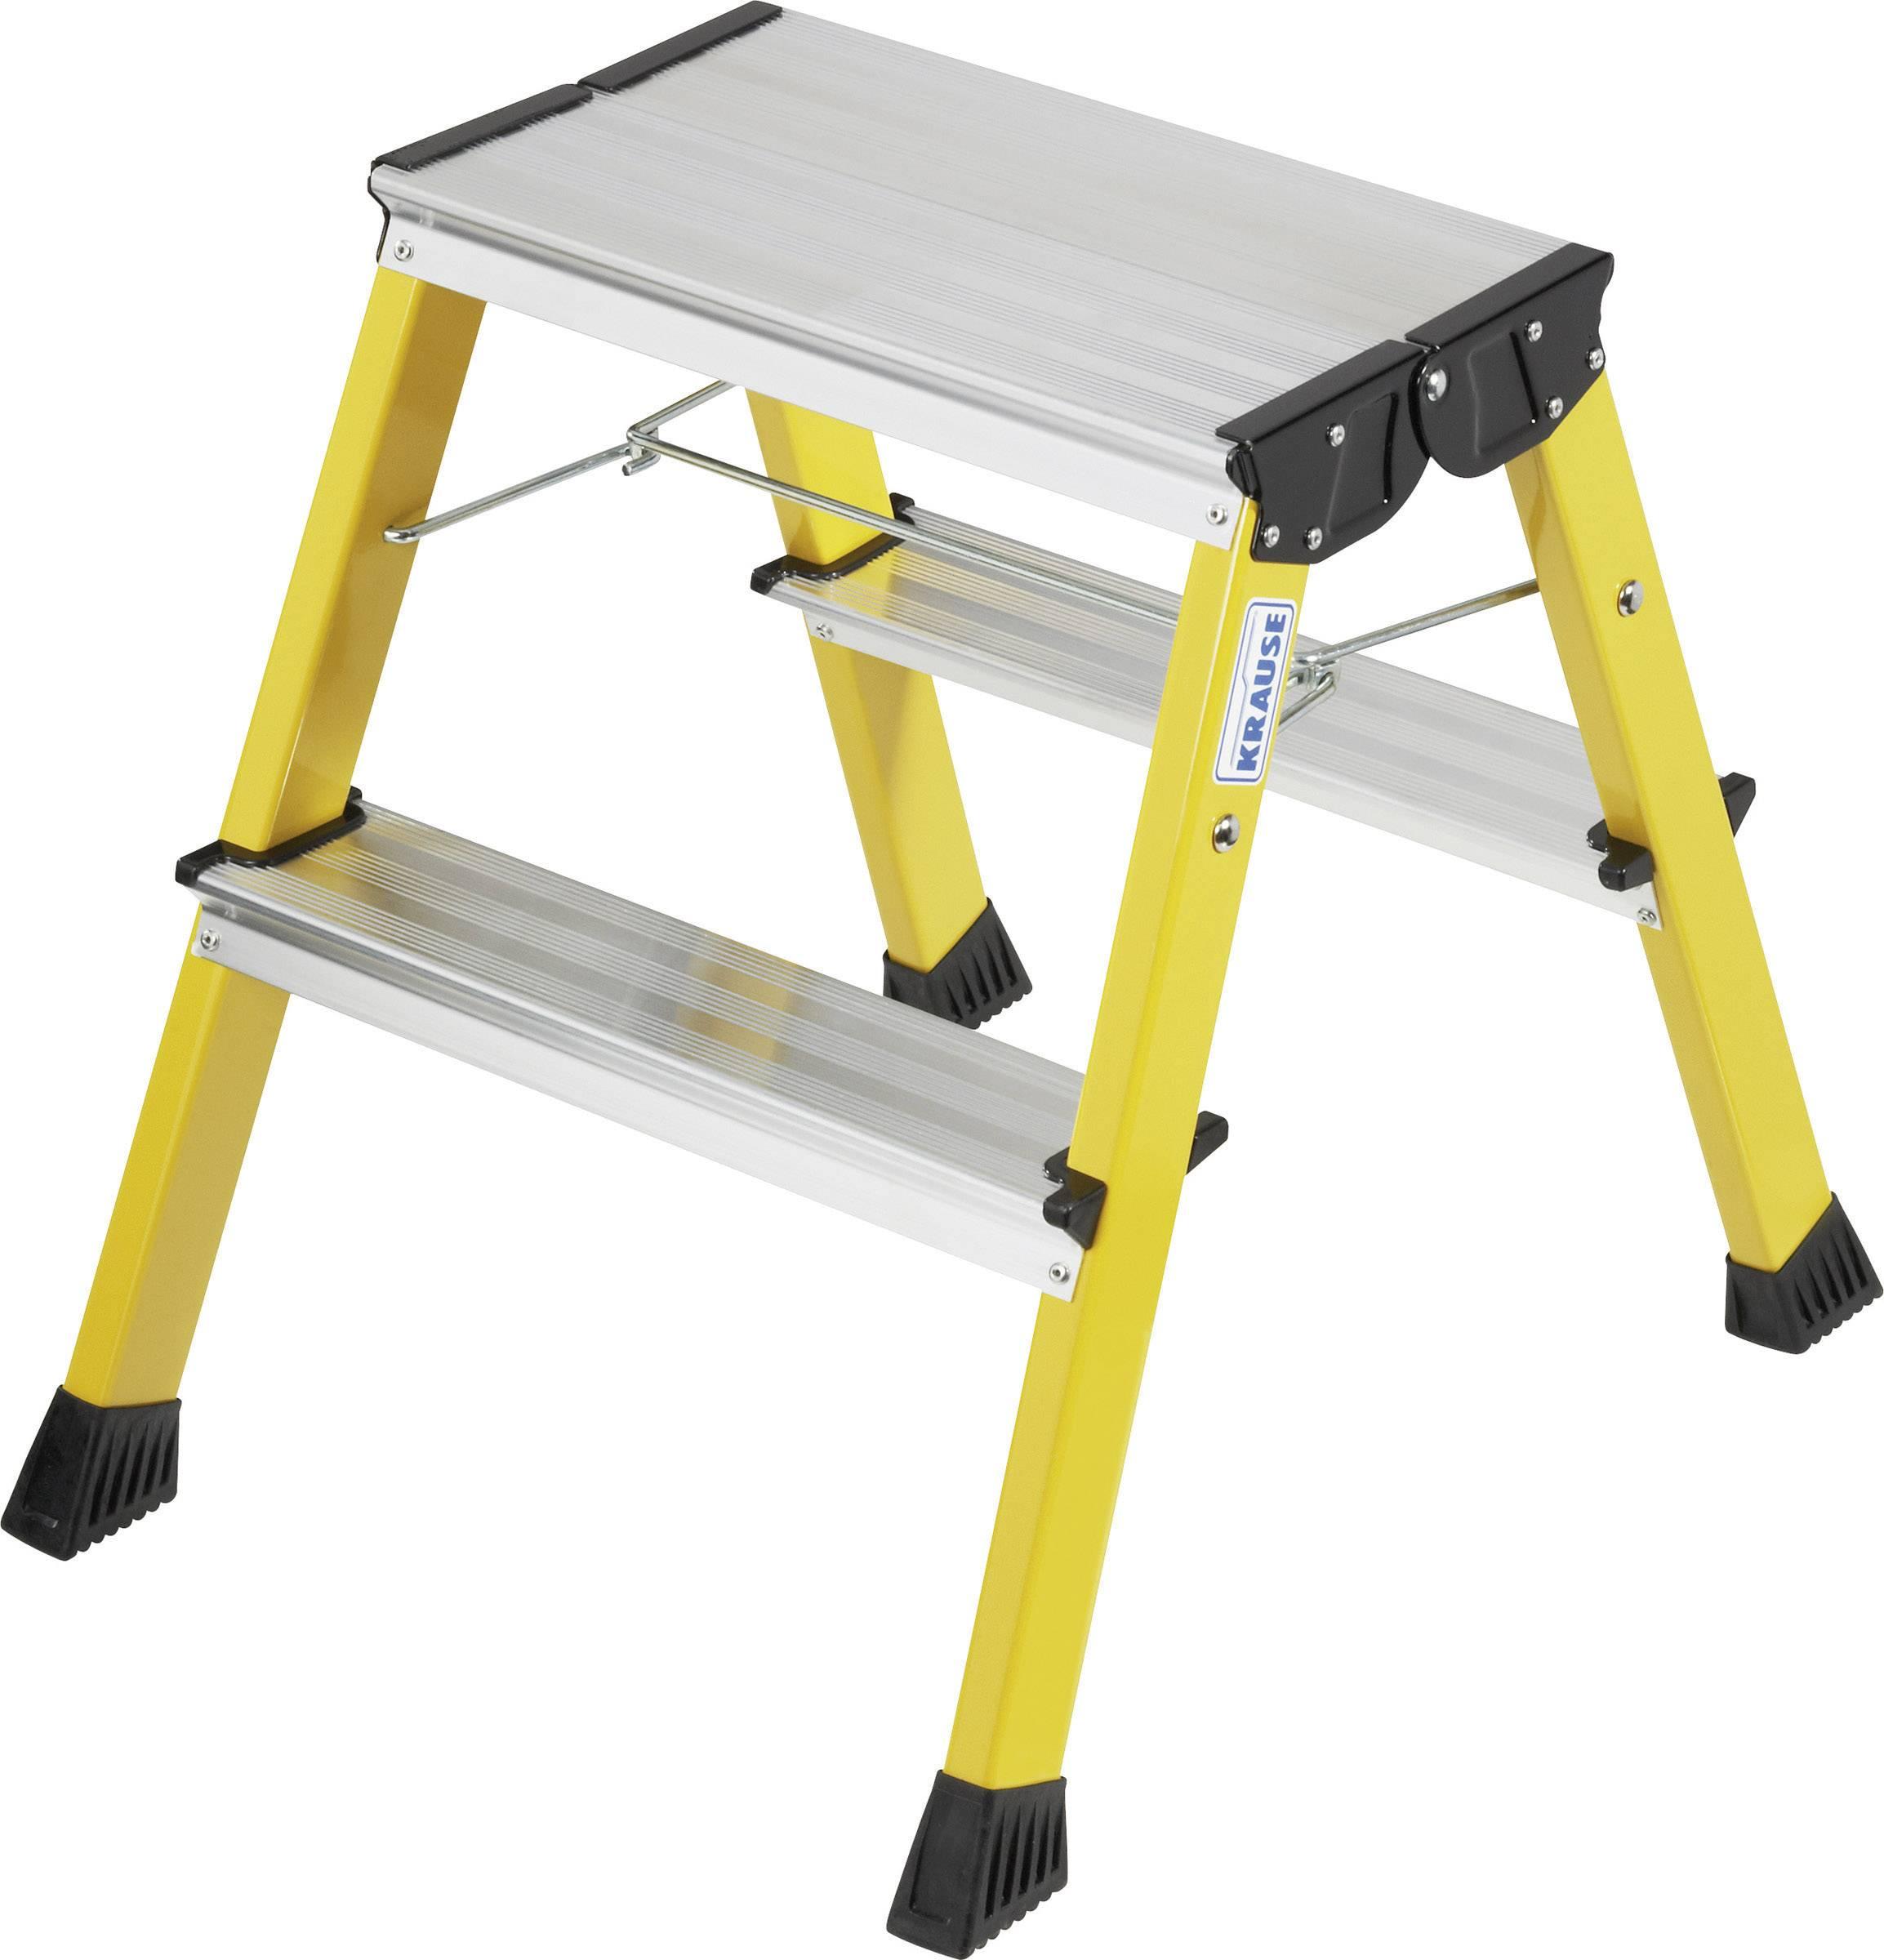 Dvojité skladacie schodíky Krause 130044, max.prac. výška: 2.45 m, 1.7 kg, hliník, žltá